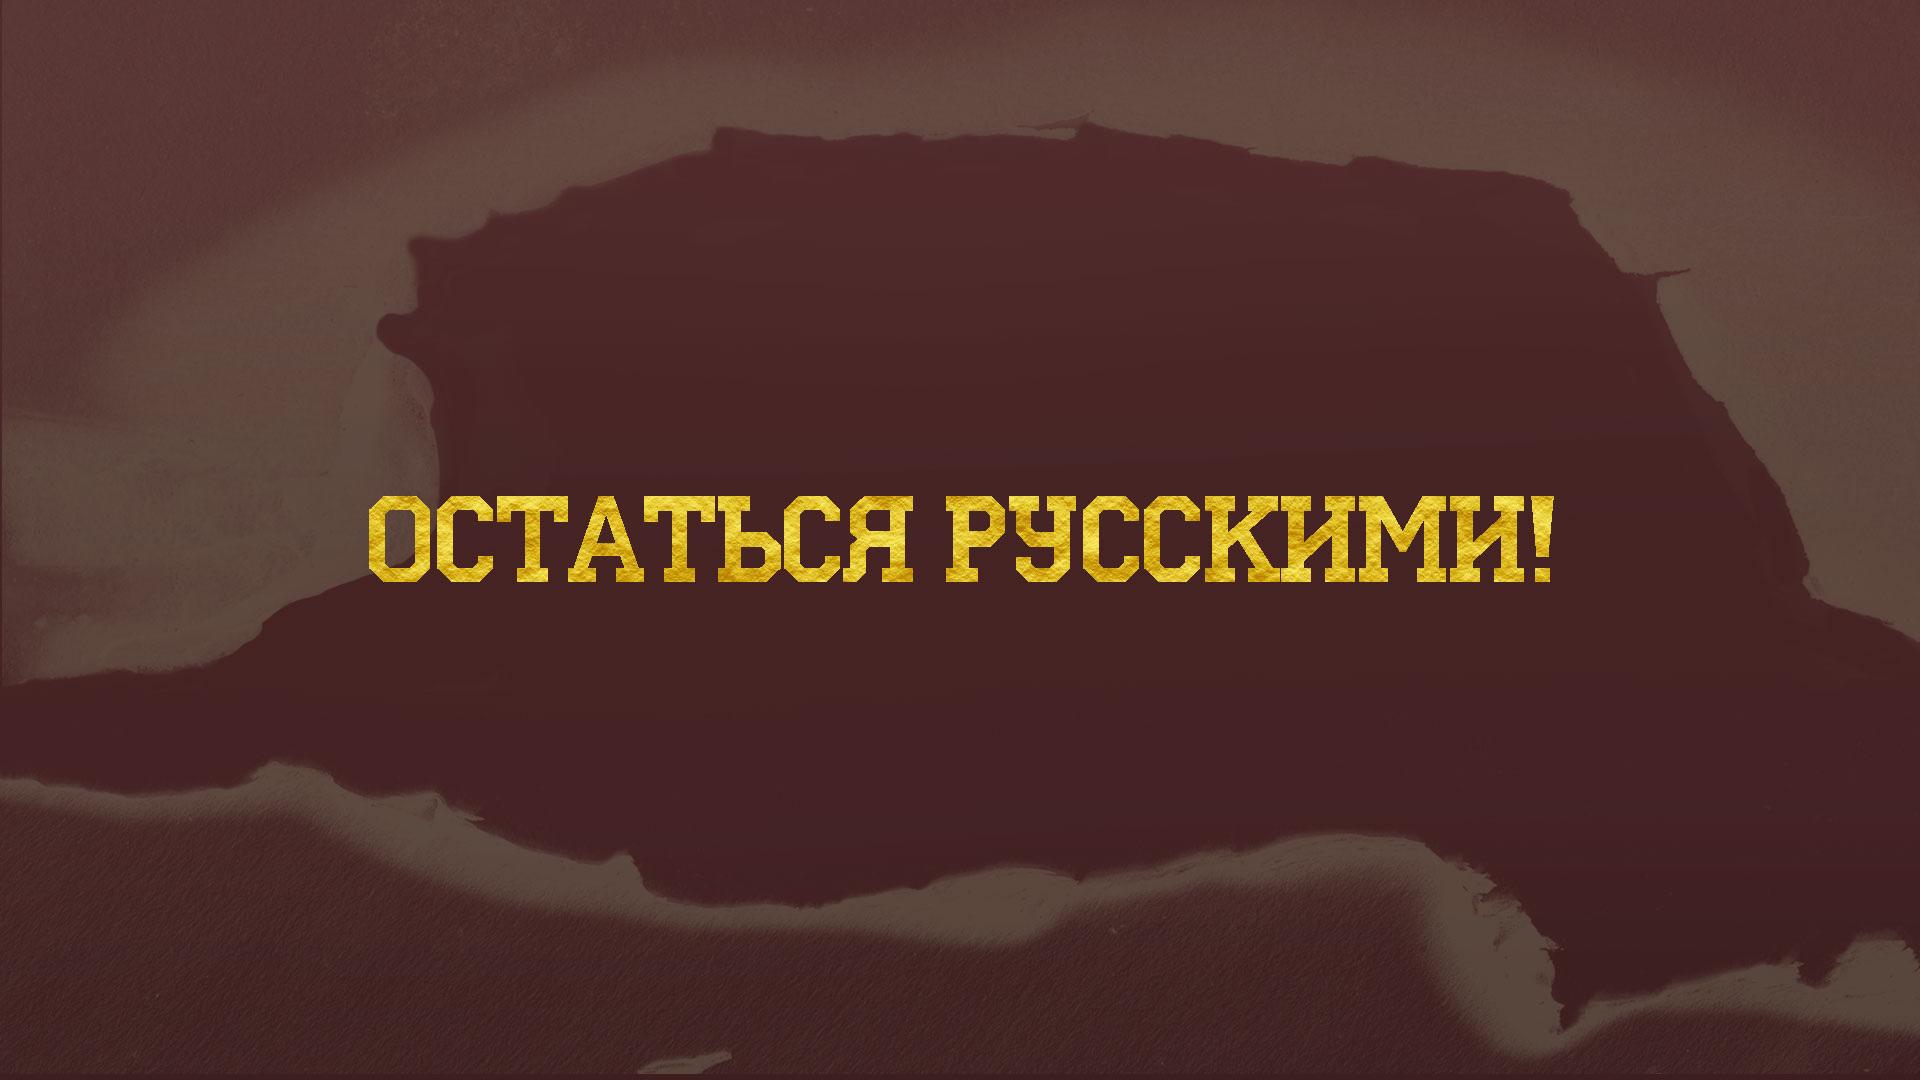 Остаться русскими!